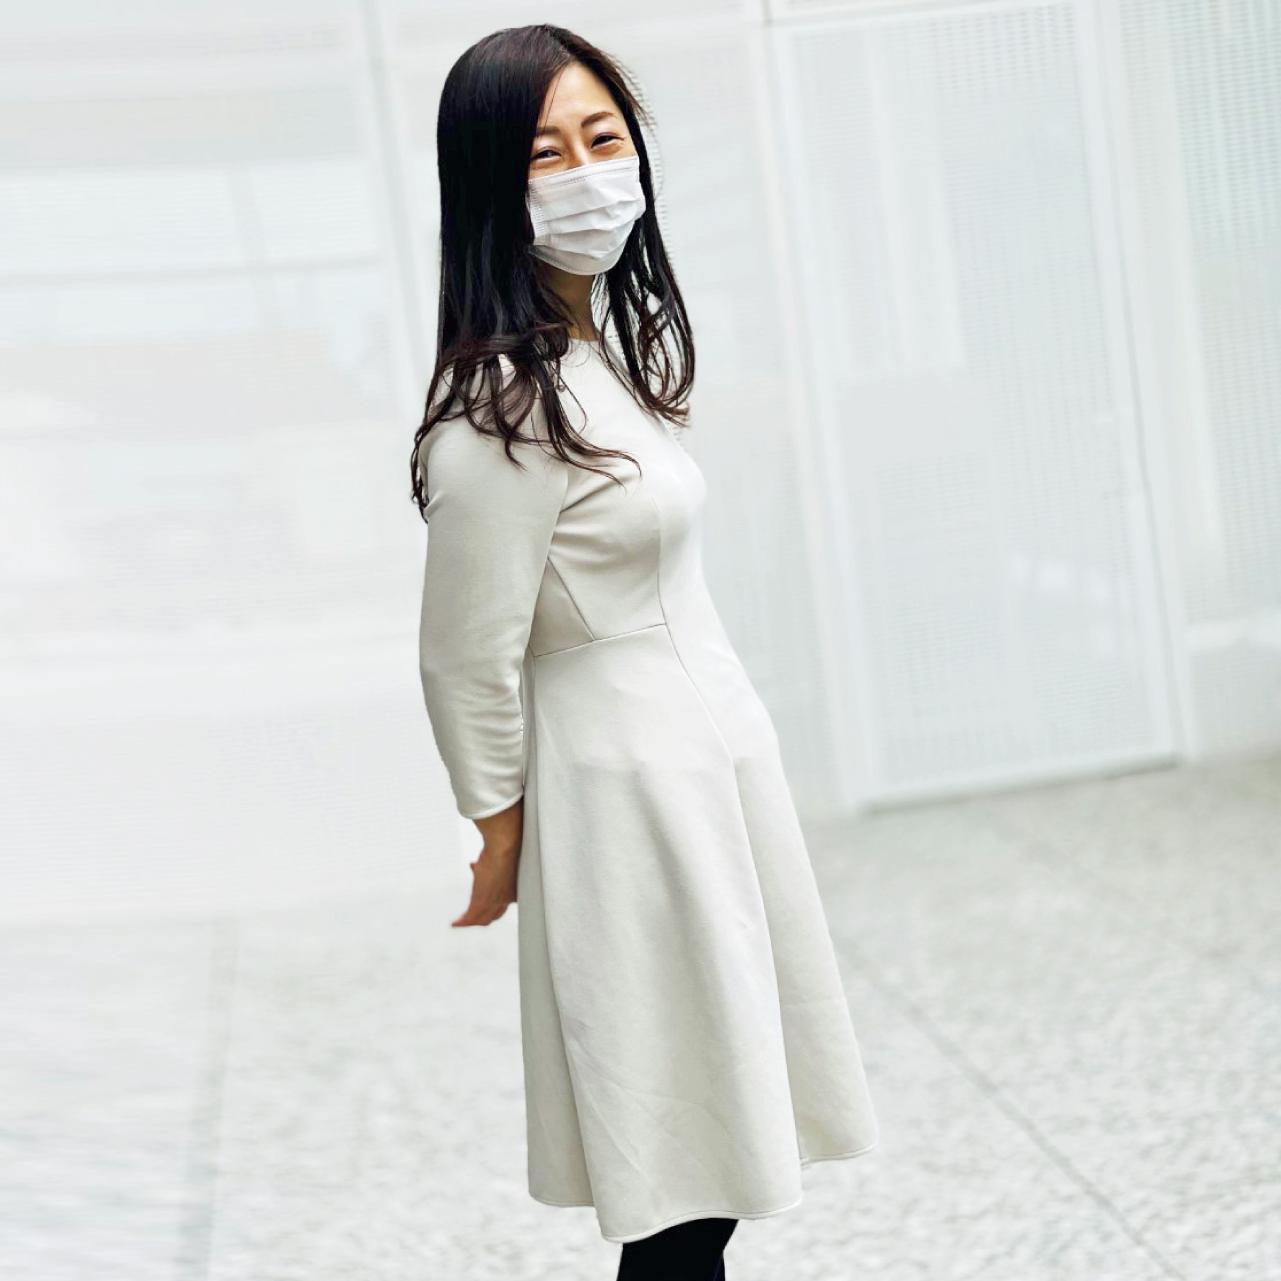 南雲朝子さんの自己診断